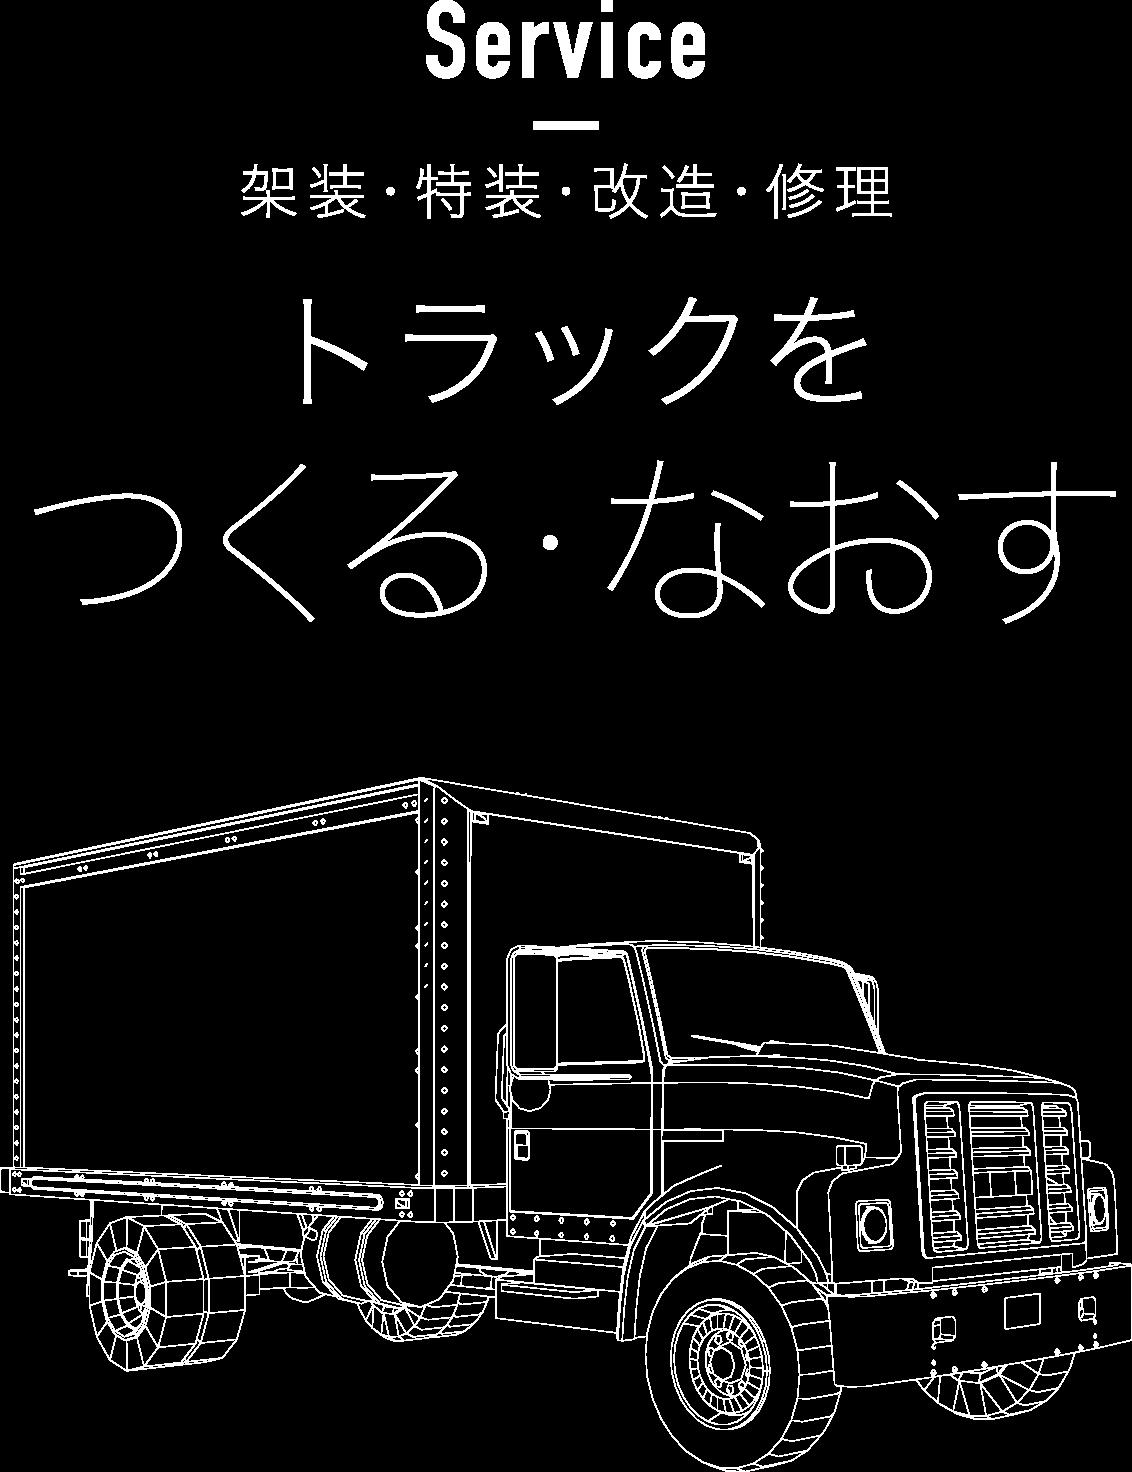 架装・特装・改造・修理:トラックをつくる・なおす